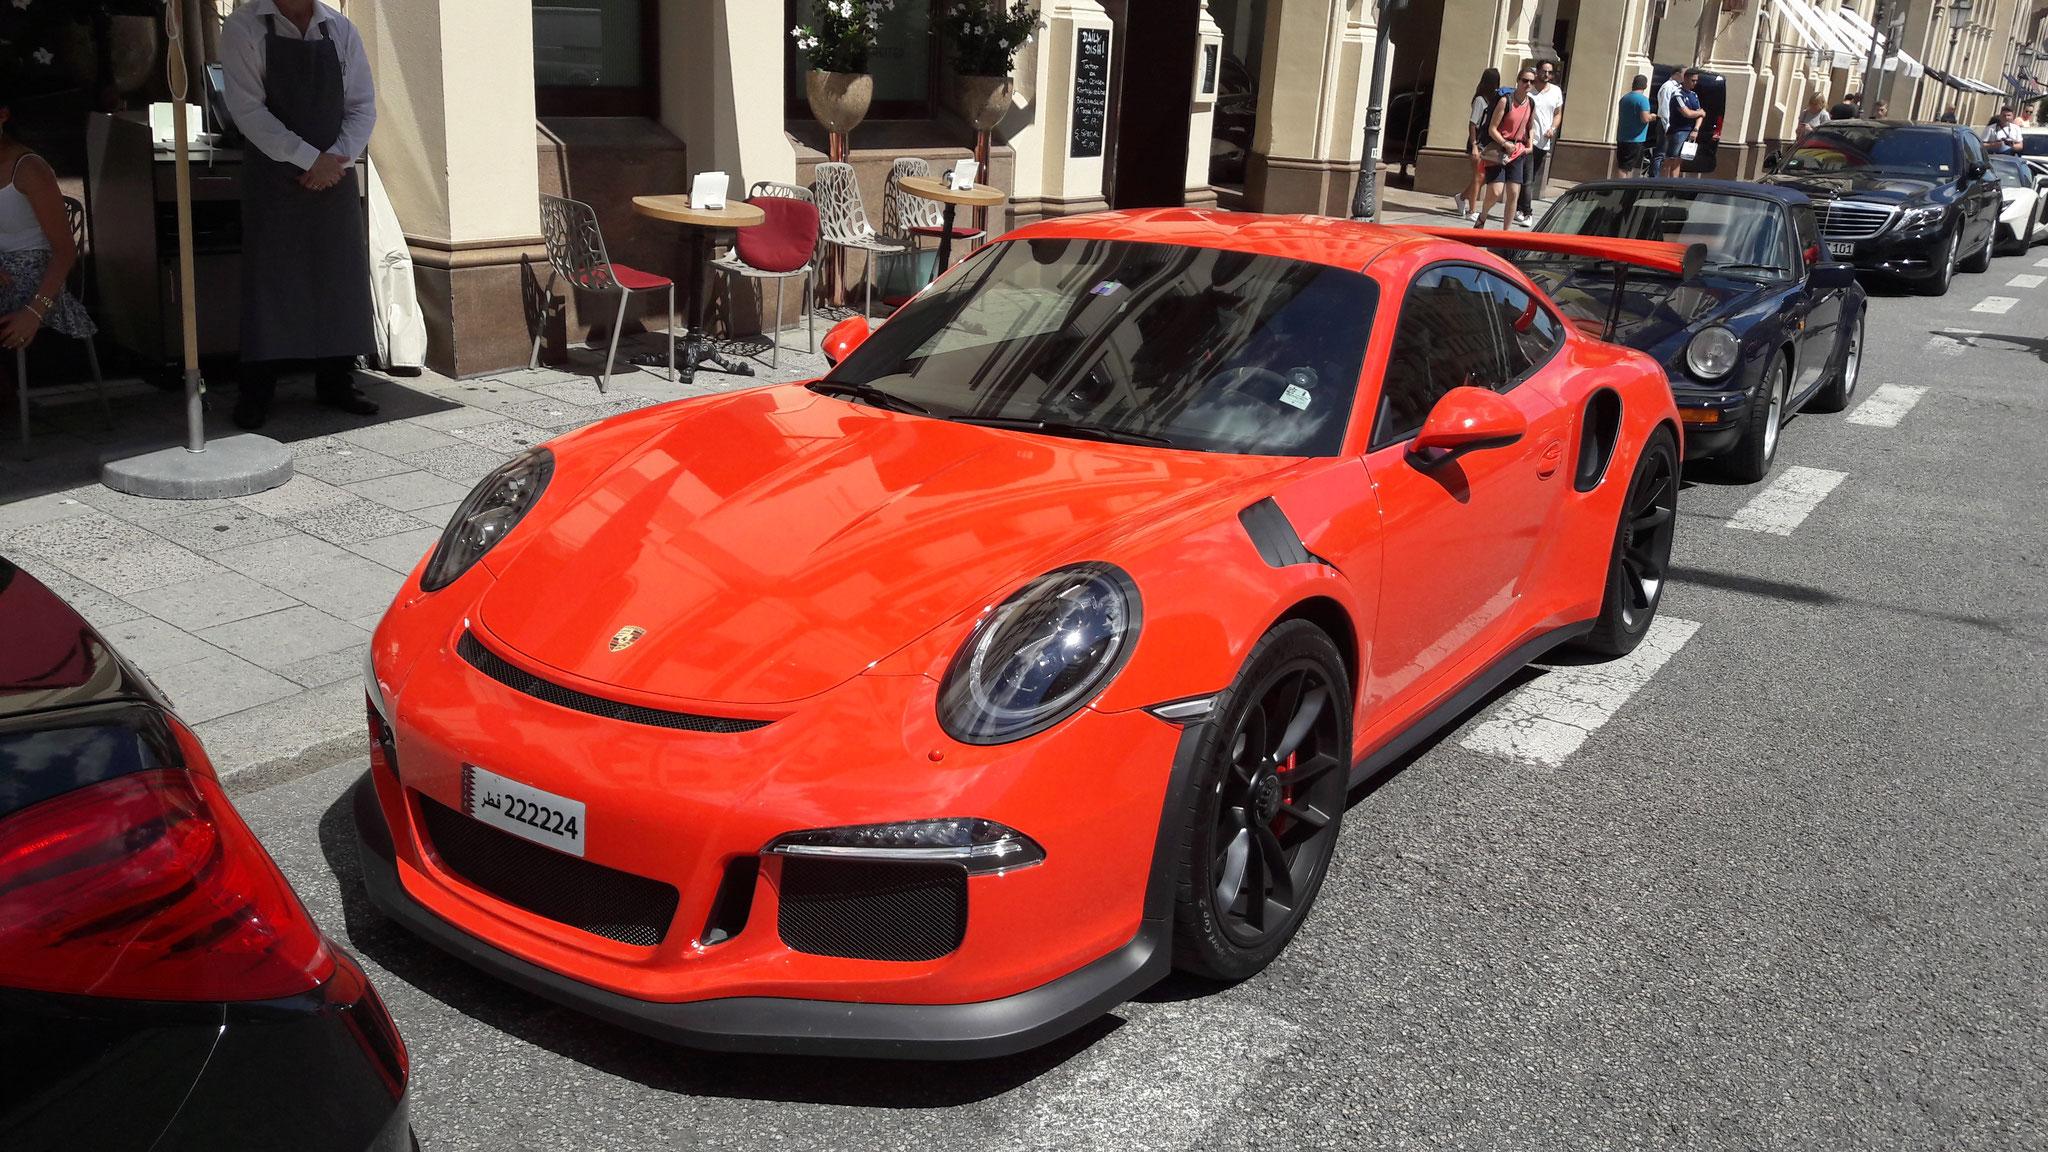 Porsche 911 GT3 RS - 222224 (QAT)